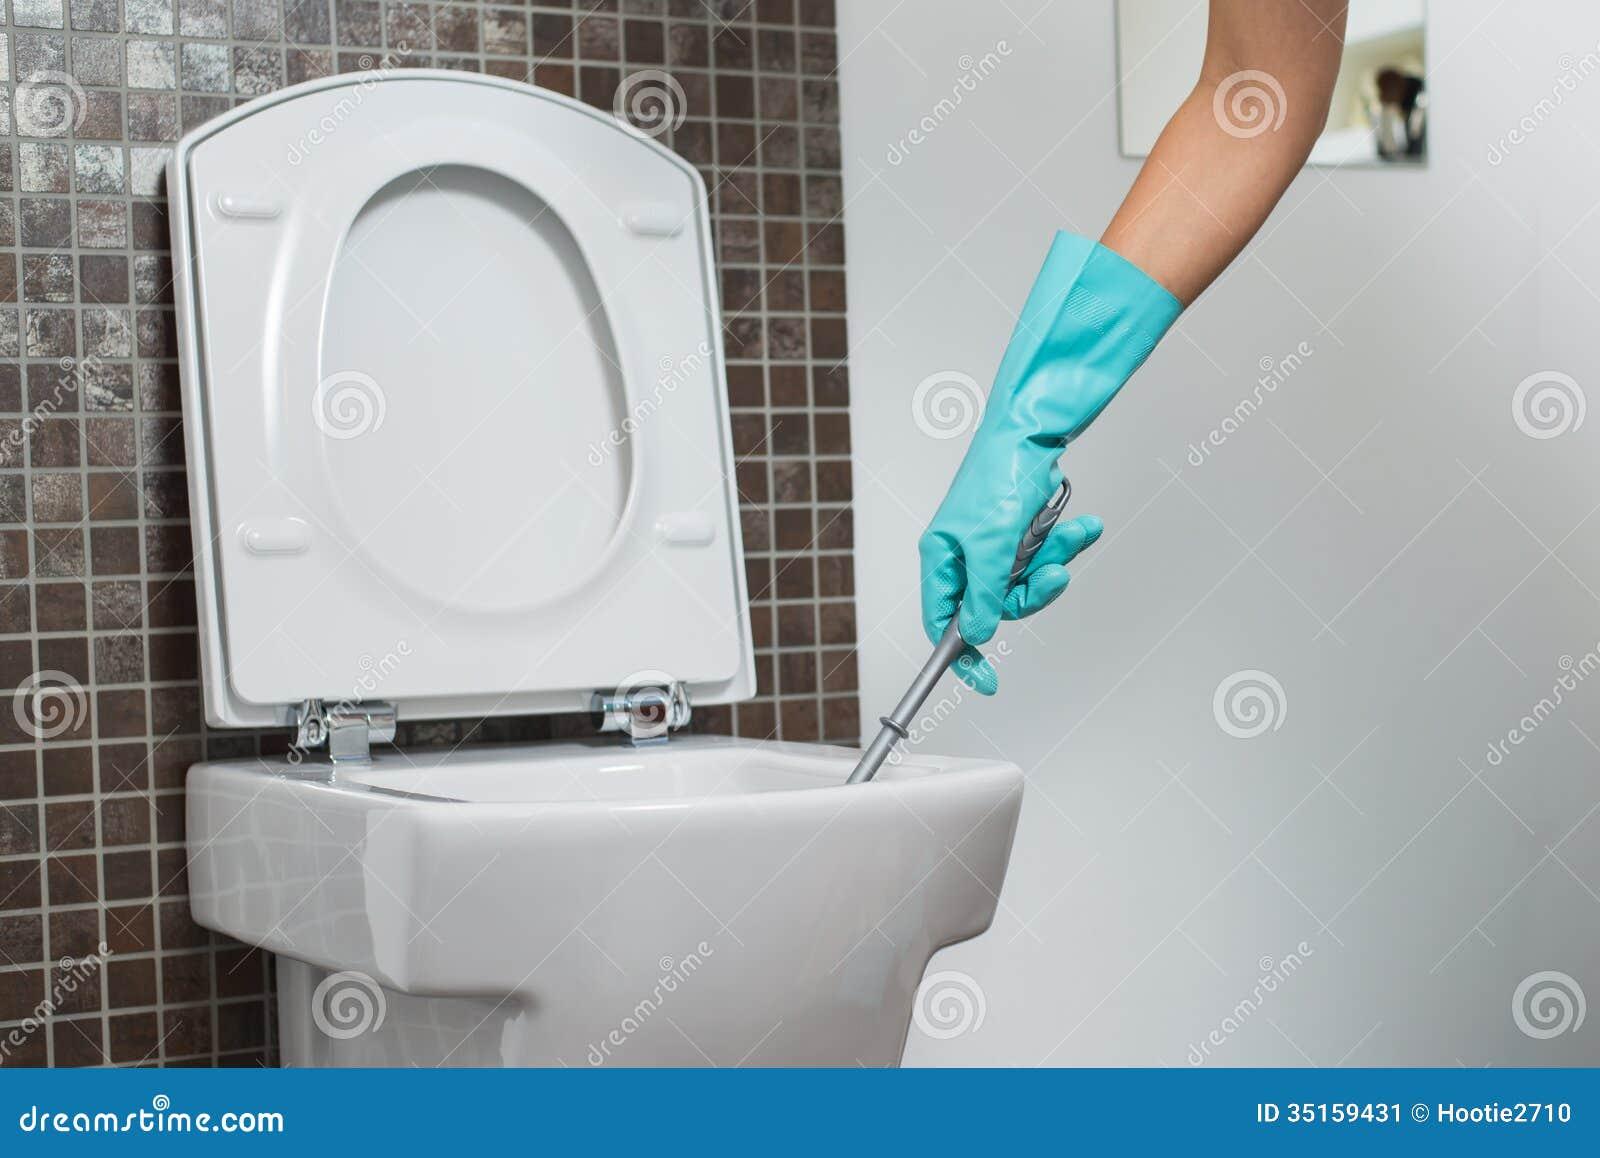 Personlokalvård under kanten av en toalettbunke